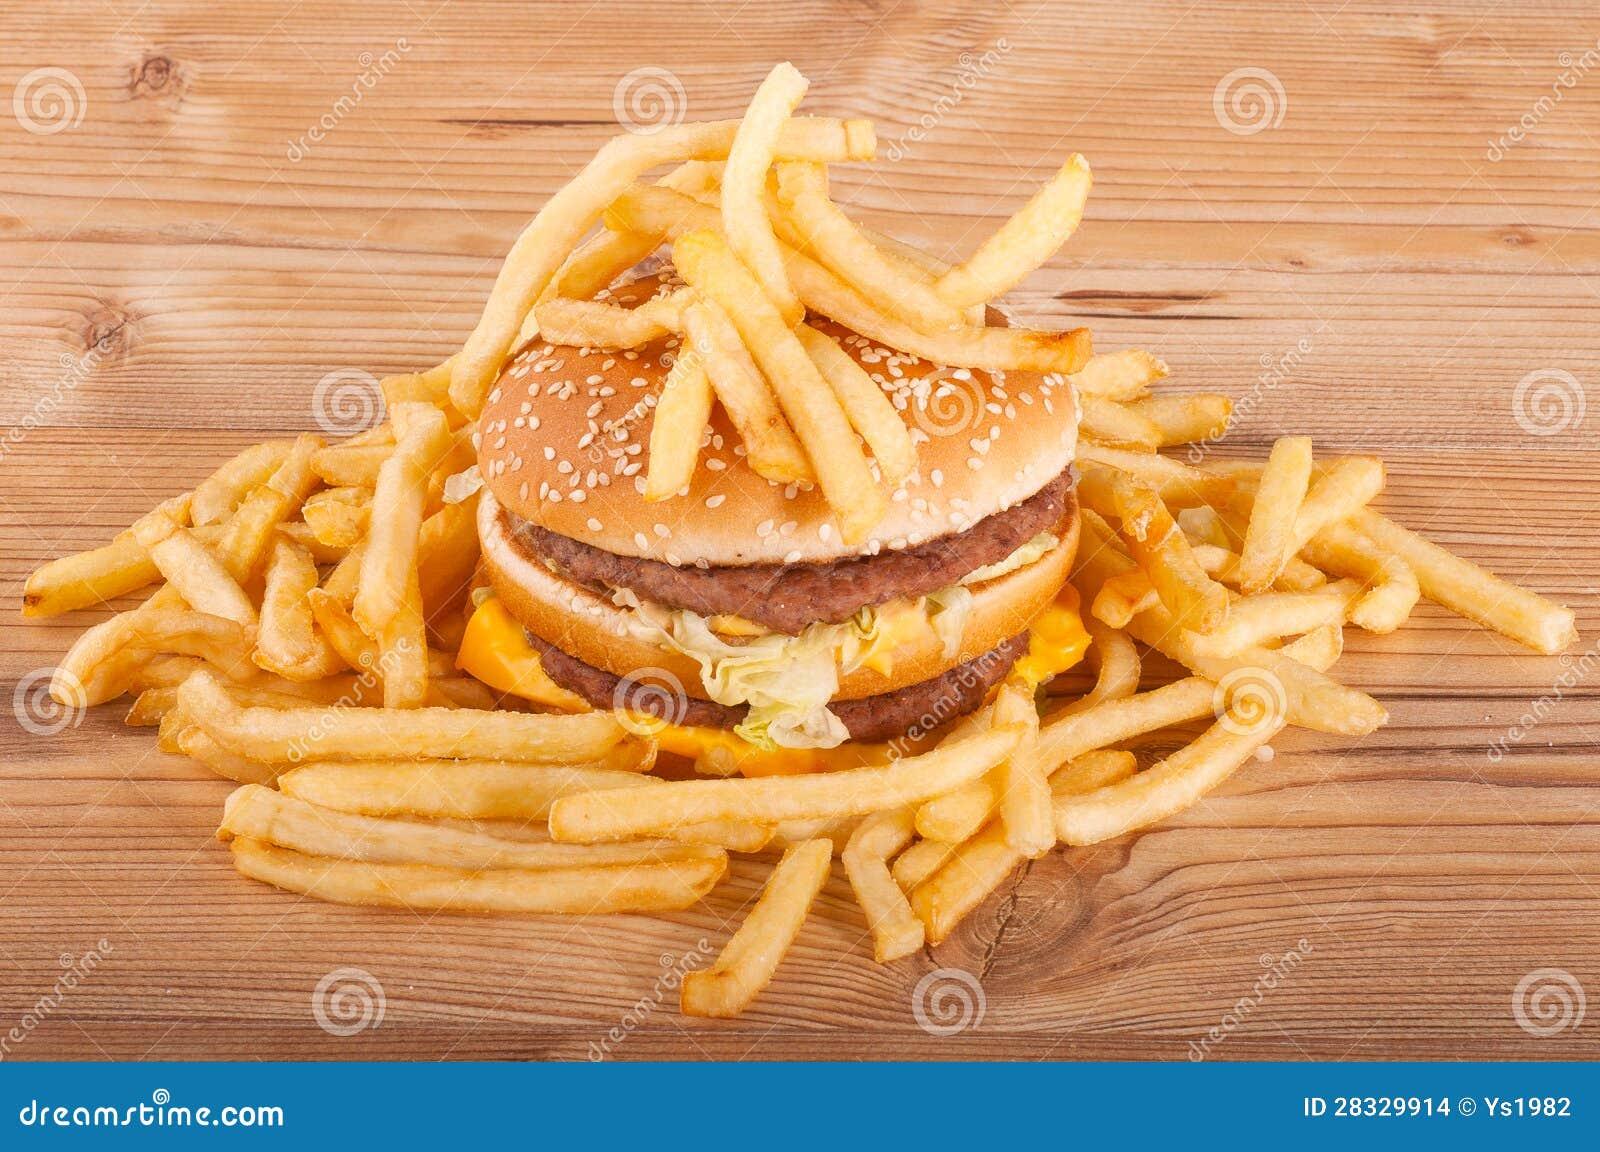 hamburger and fries wallpaper - photo #31